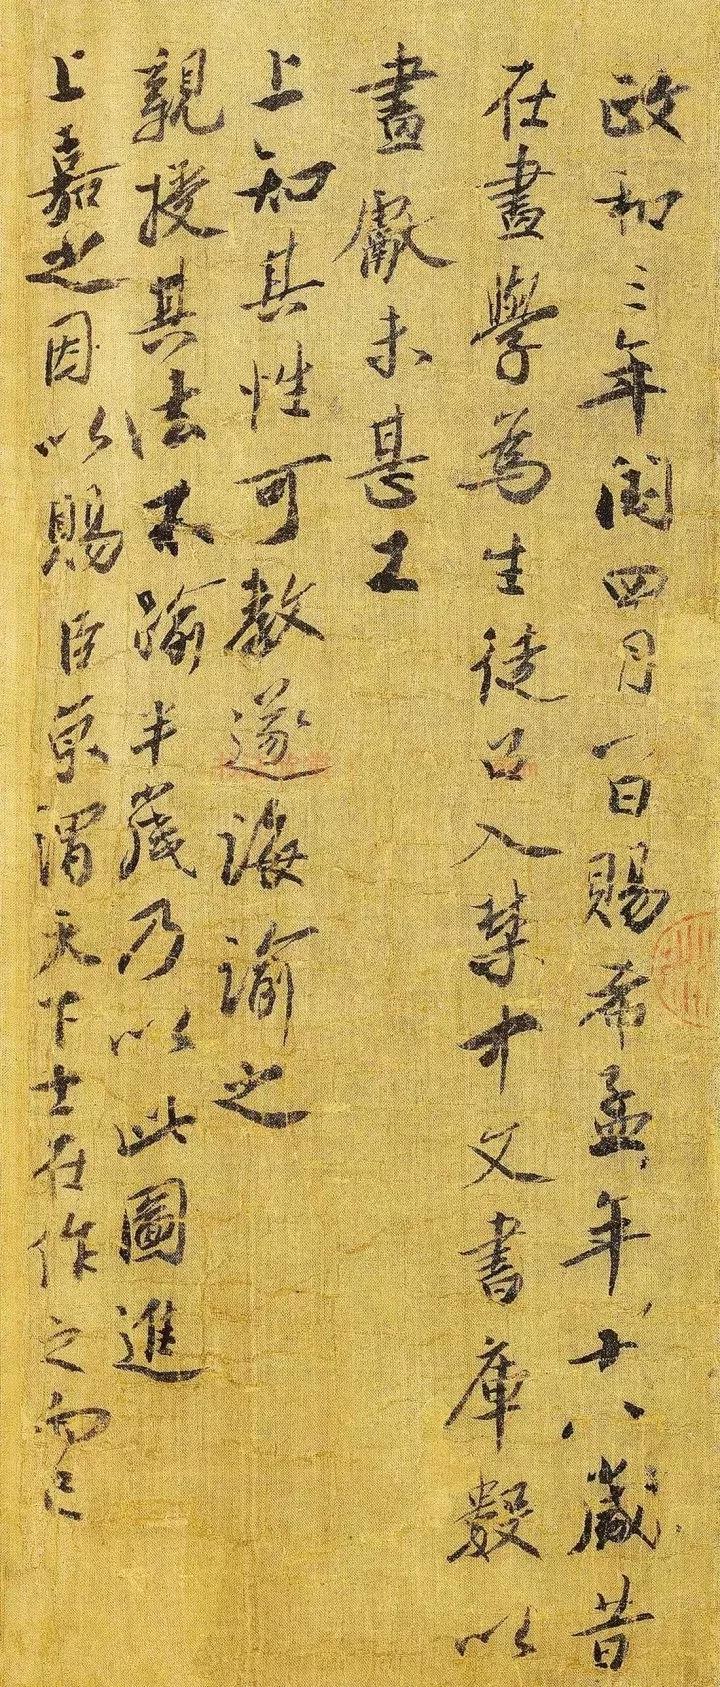 中国历史上24位高官书法,你怎么看